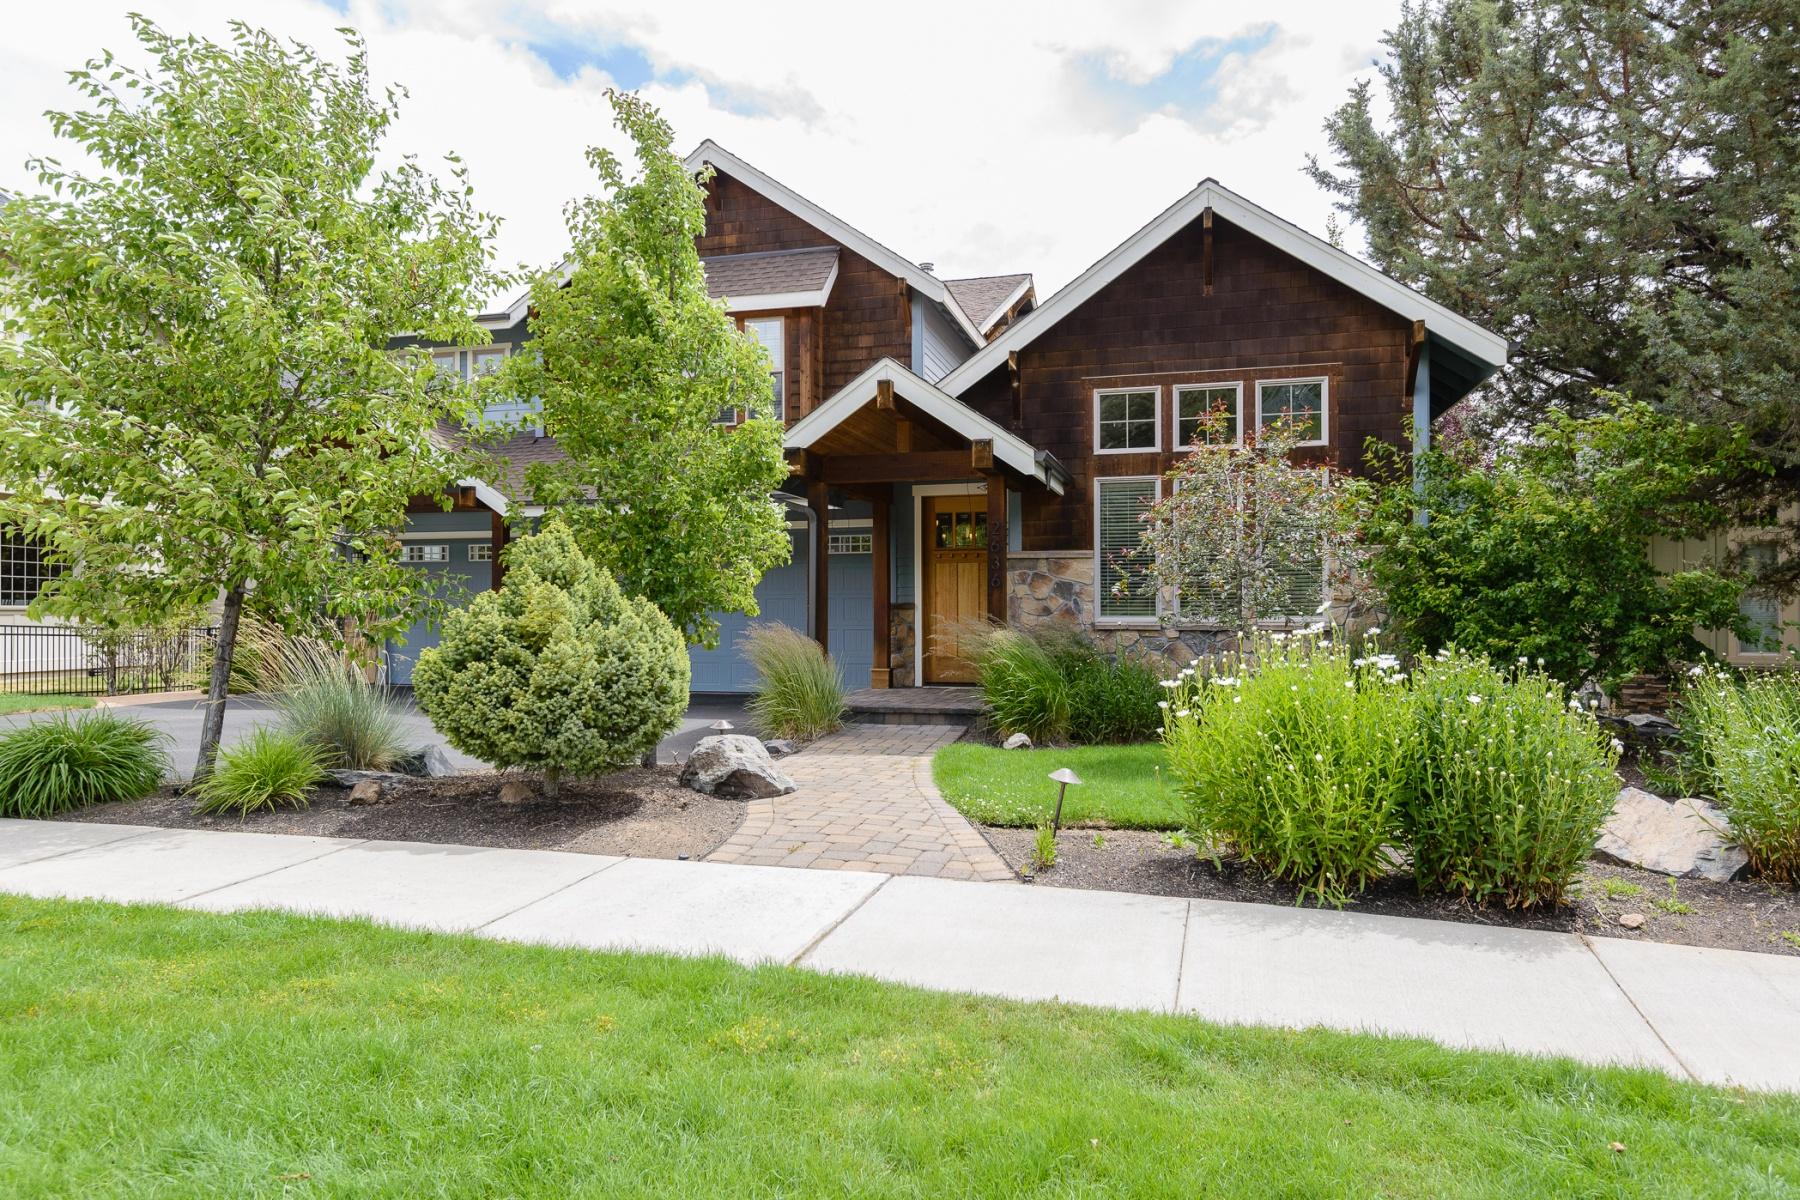 Nhà ở một gia đình vì Bán tại Room for Everyone in NW Bend! 2636 NW Brickyard St Bend, Oregon, 97703 Hoa Kỳ